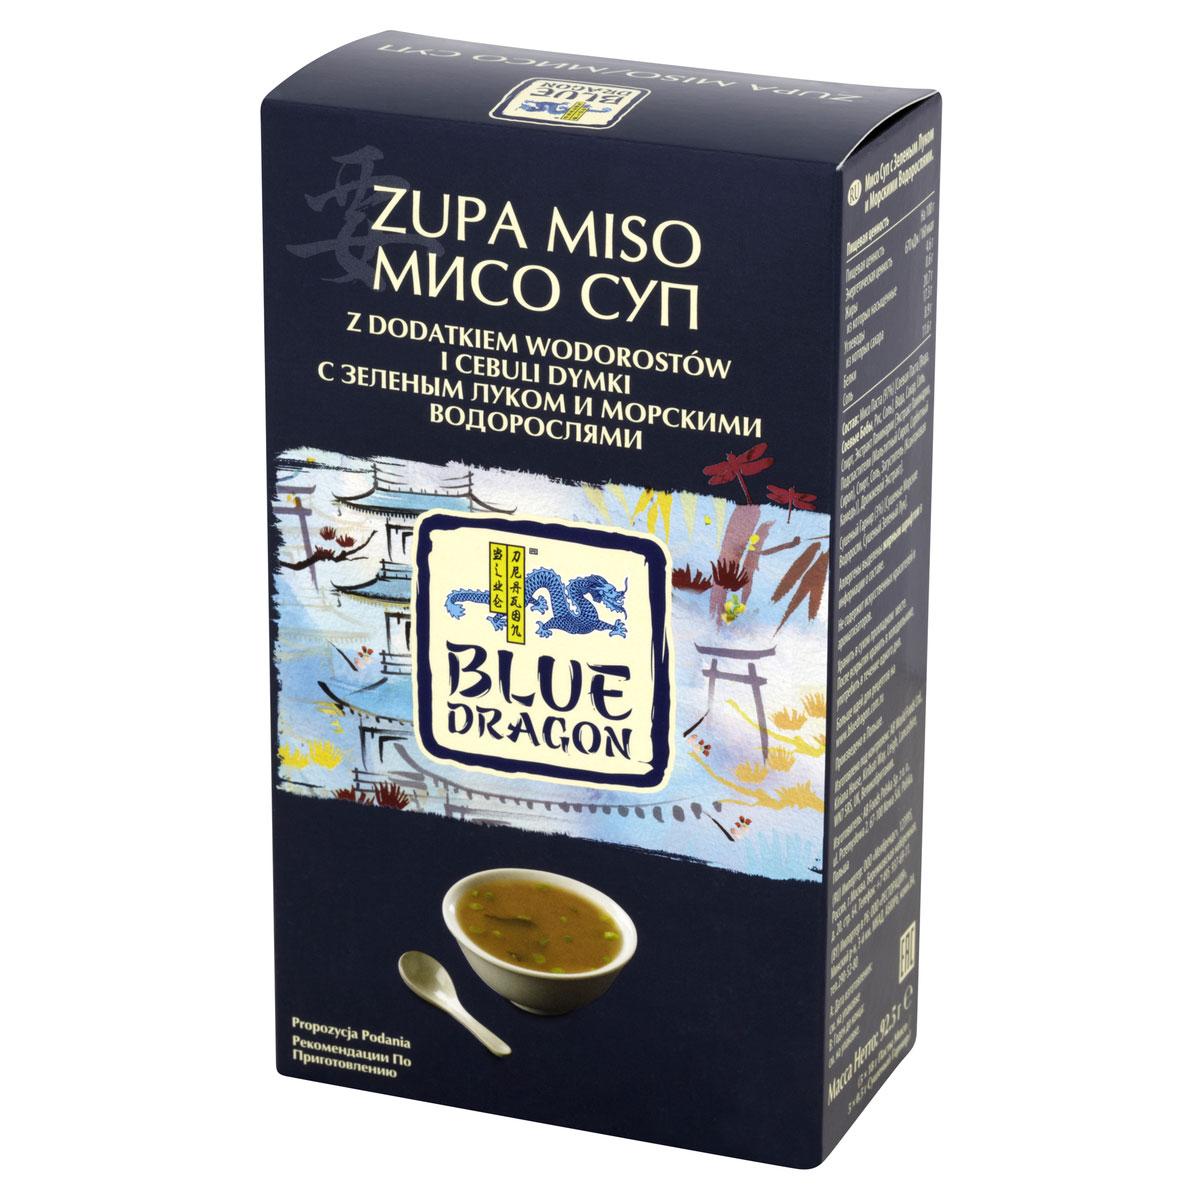 Blue Dragon Мисо суп с зеленым луком и морскими водорослями, 92,5 г030055Не содержит искусственных красителей и ароматизаторов. Вскипятите 160 мл воды, разведите пакетик с быстрорастворимым супом Мисо и пакетик с тофу и морским водорослями, хорошо перемешайте.